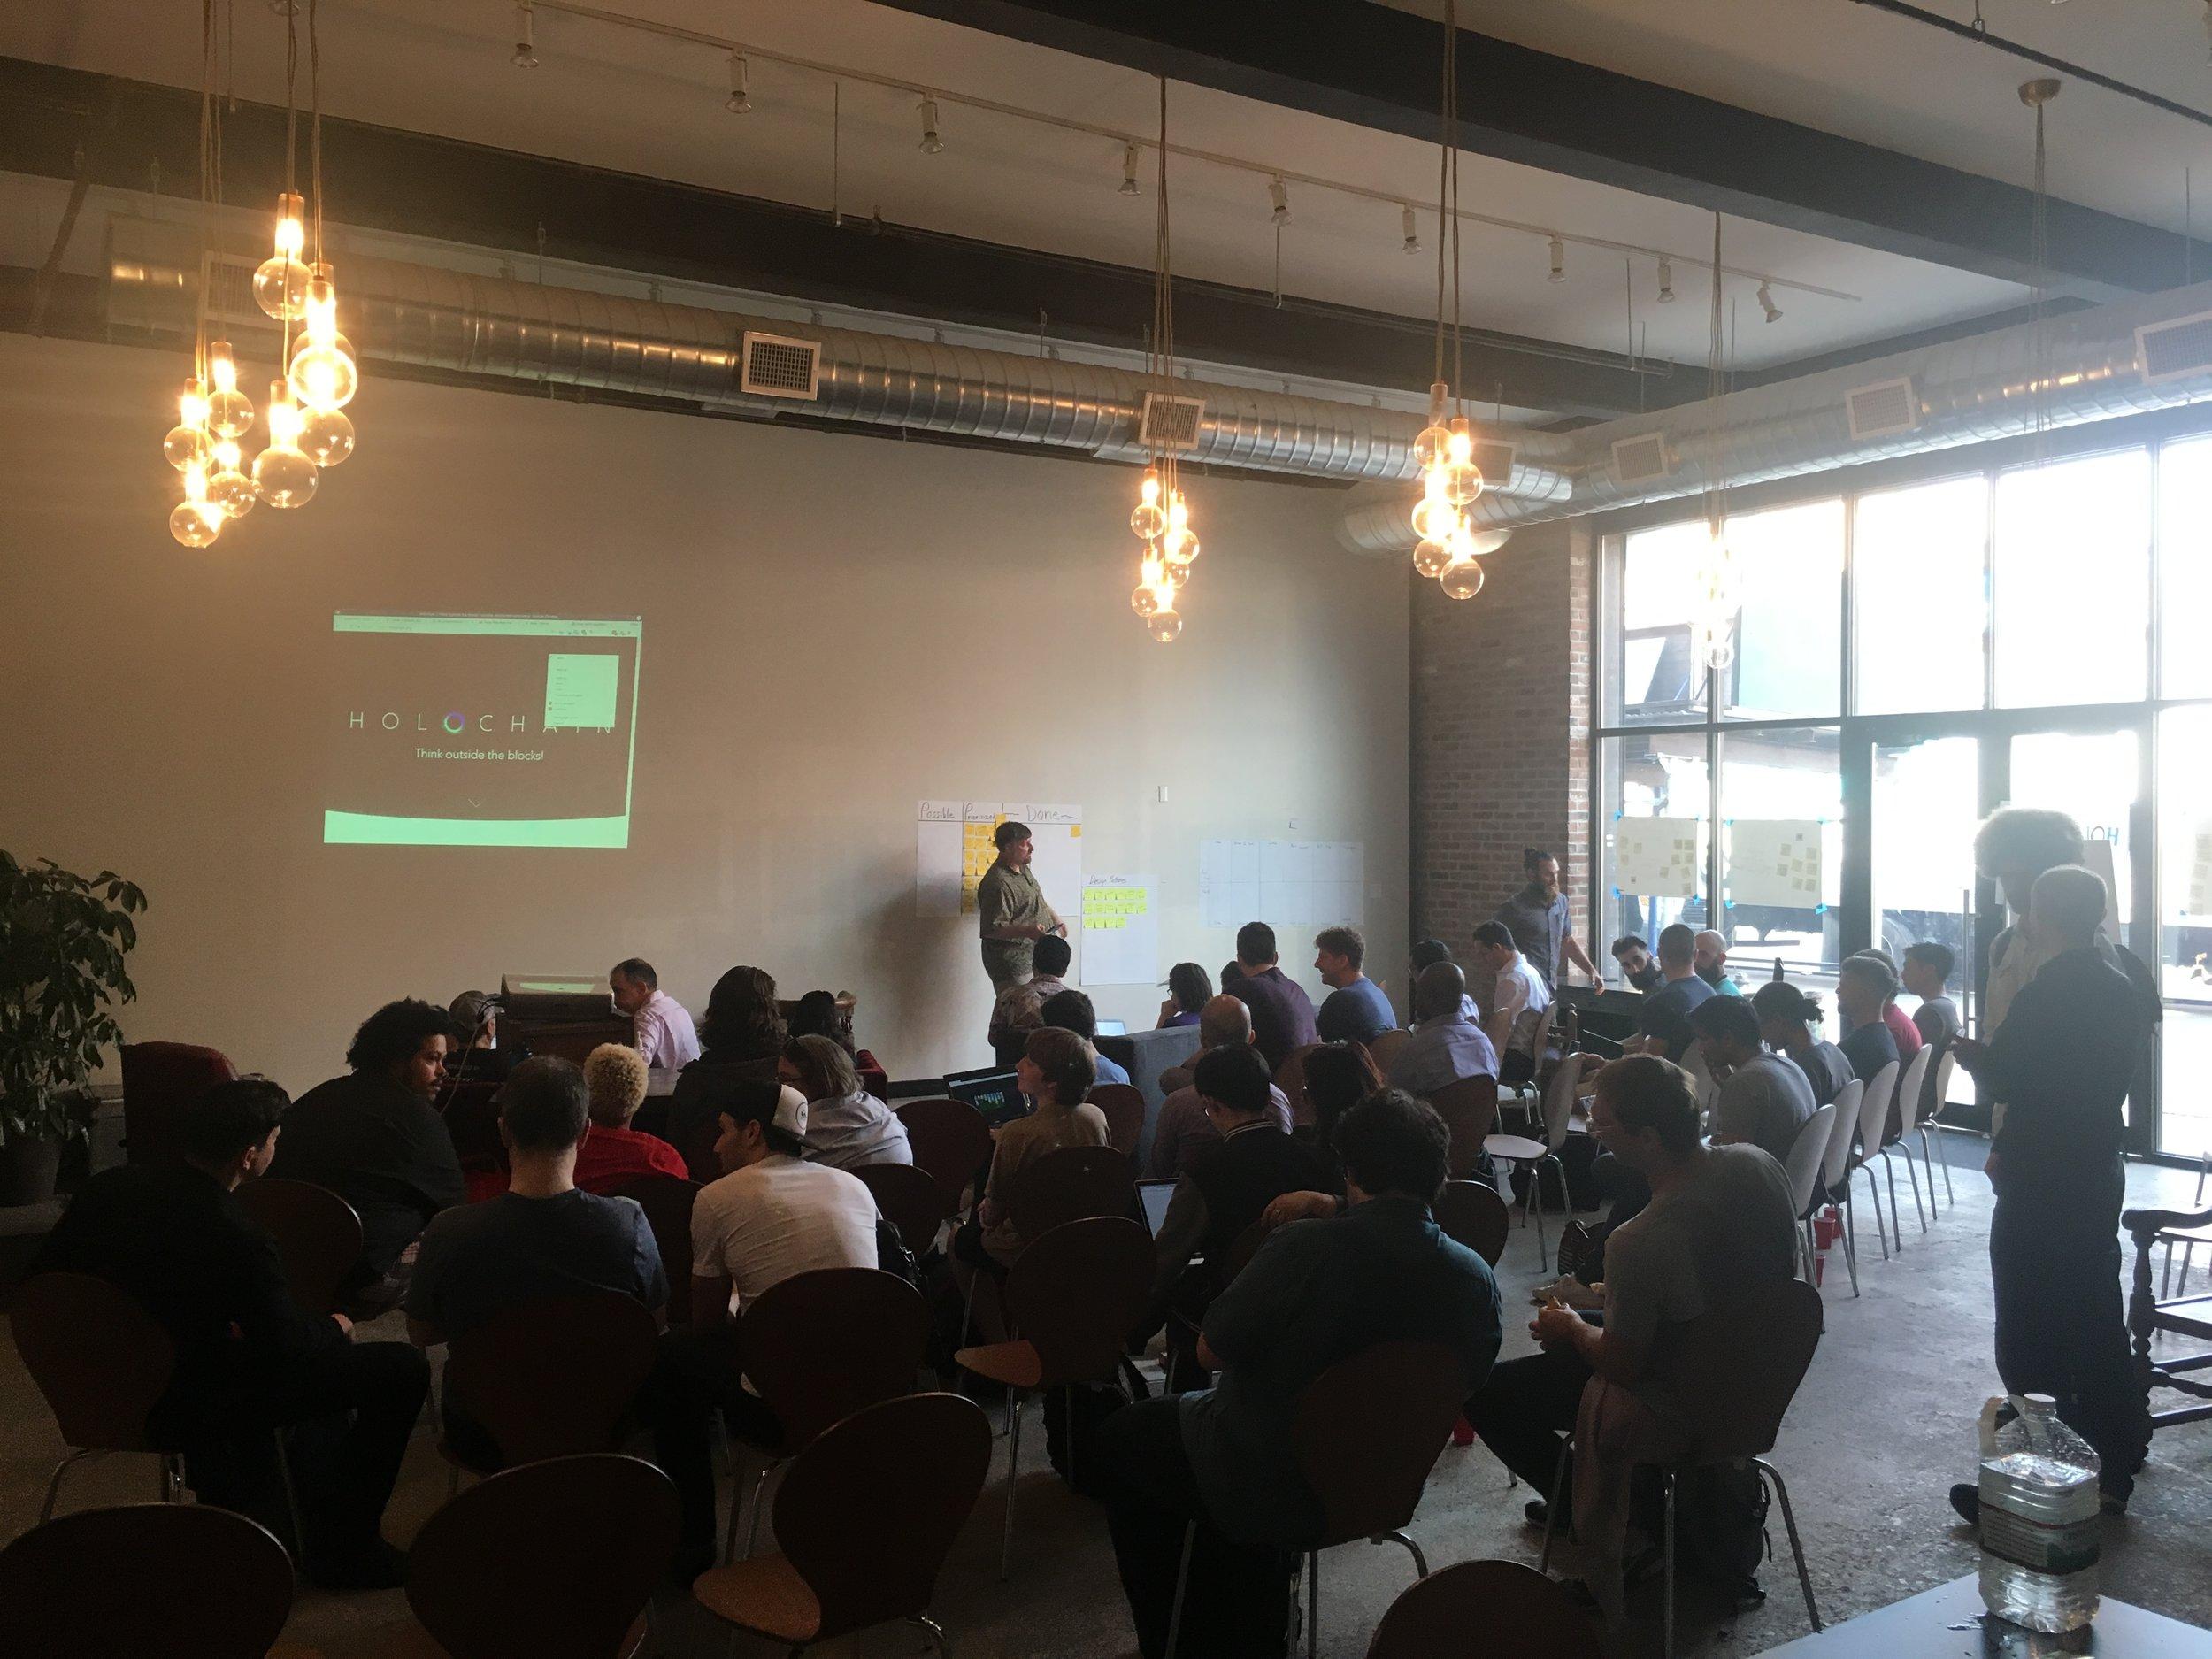 Holochain has their first hackathon